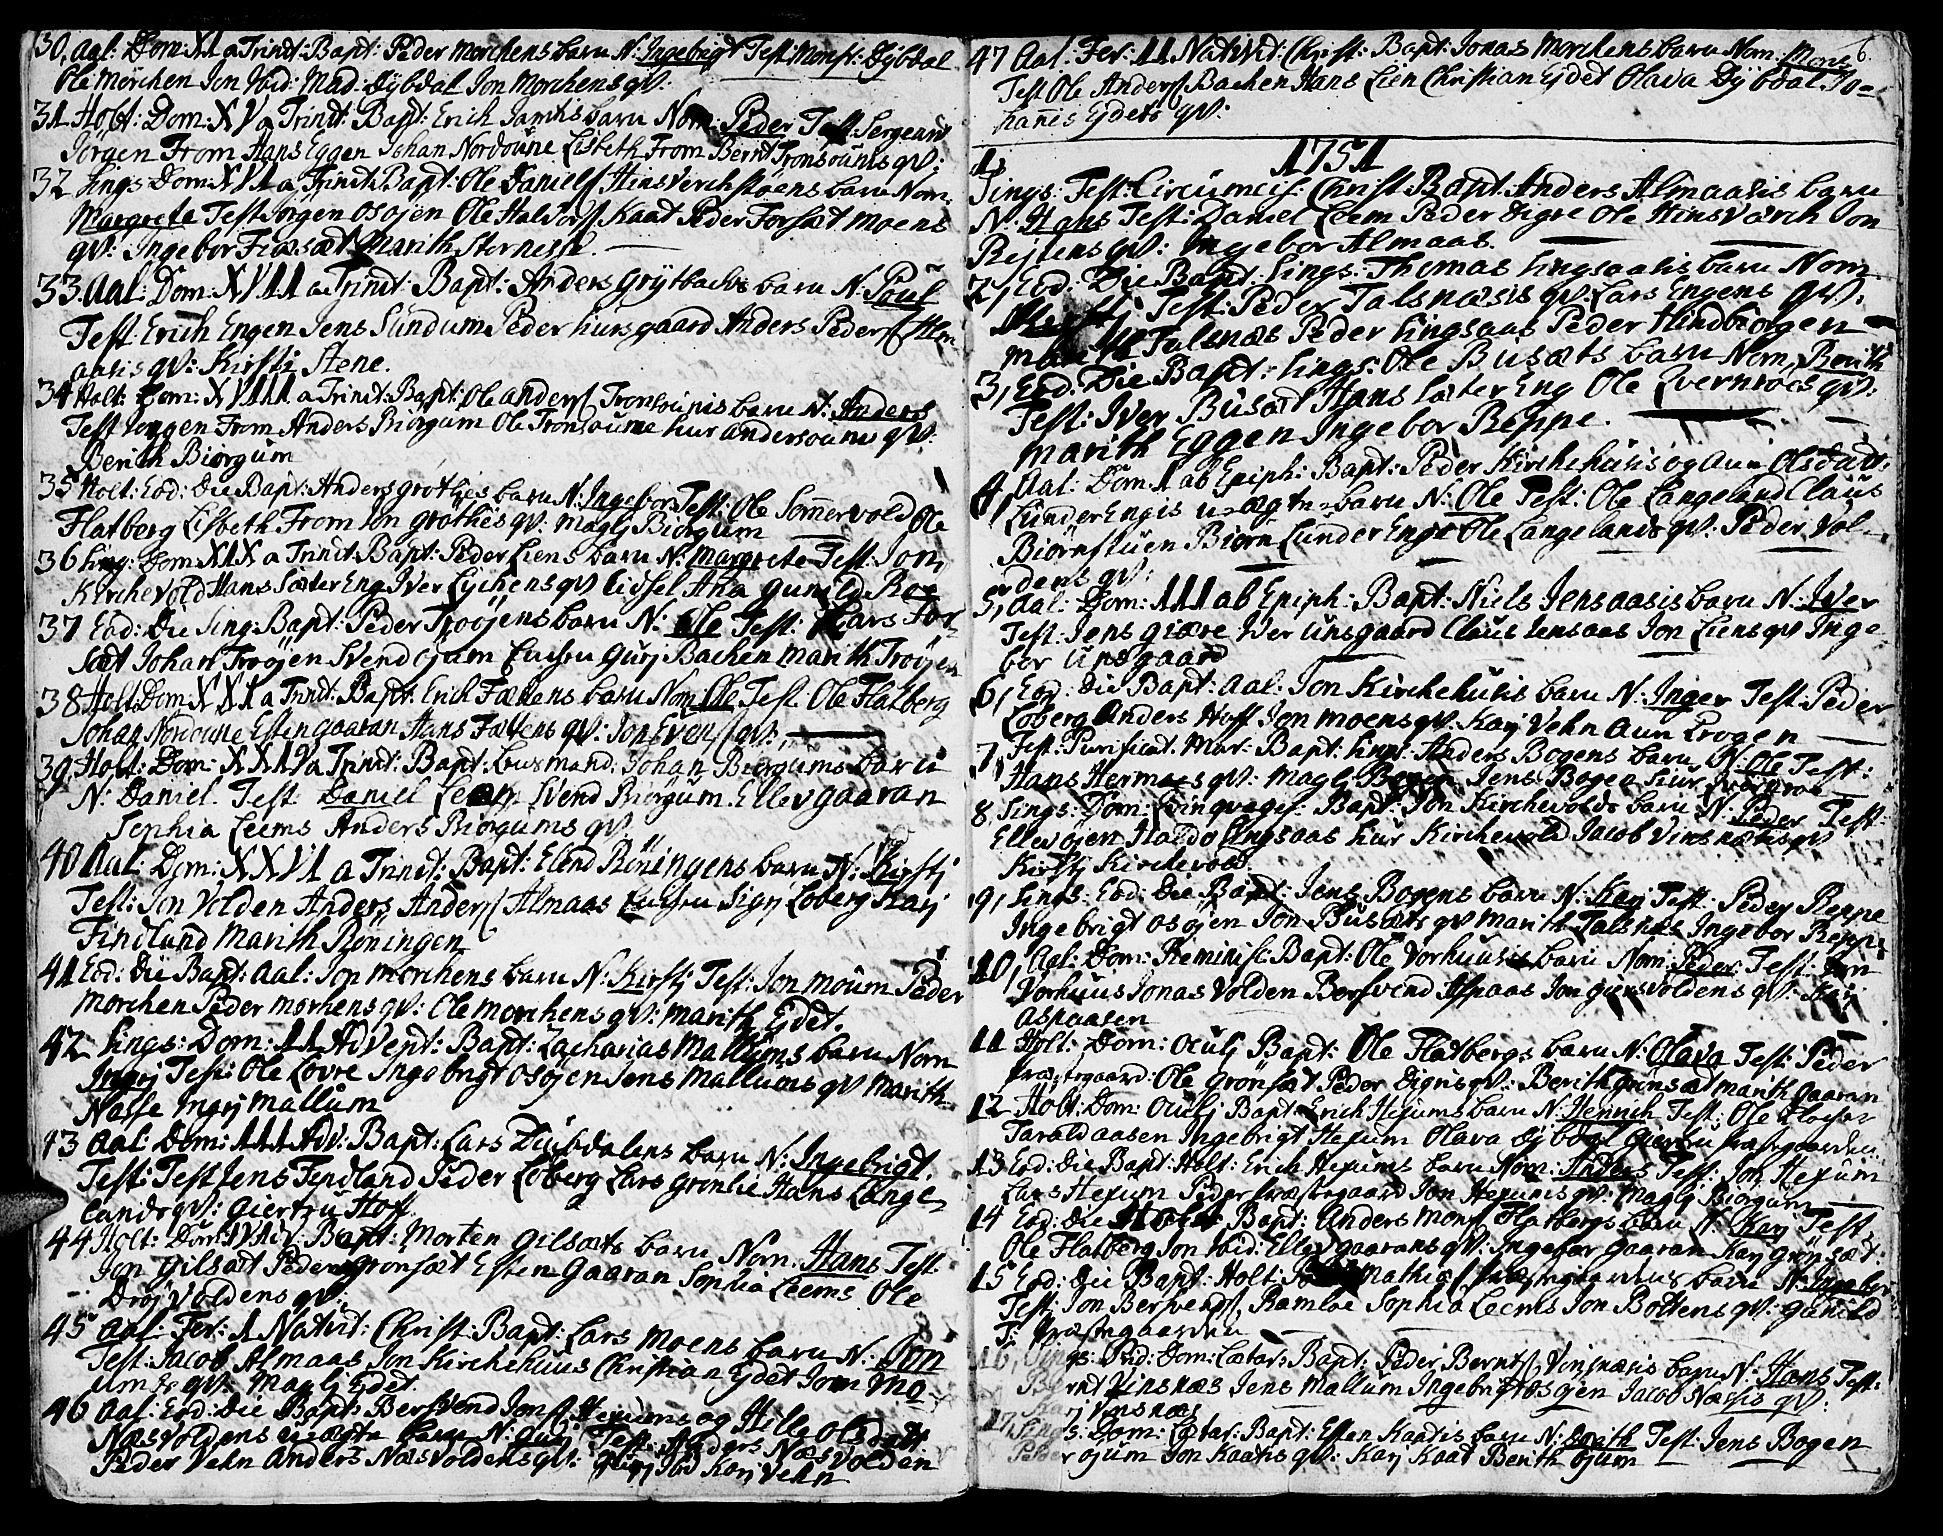 SAT, Ministerialprotokoller, klokkerbøker og fødselsregistre - Sør-Trøndelag, 685/L0952: Ministerialbok nr. 685A01, 1745-1804, s. 6